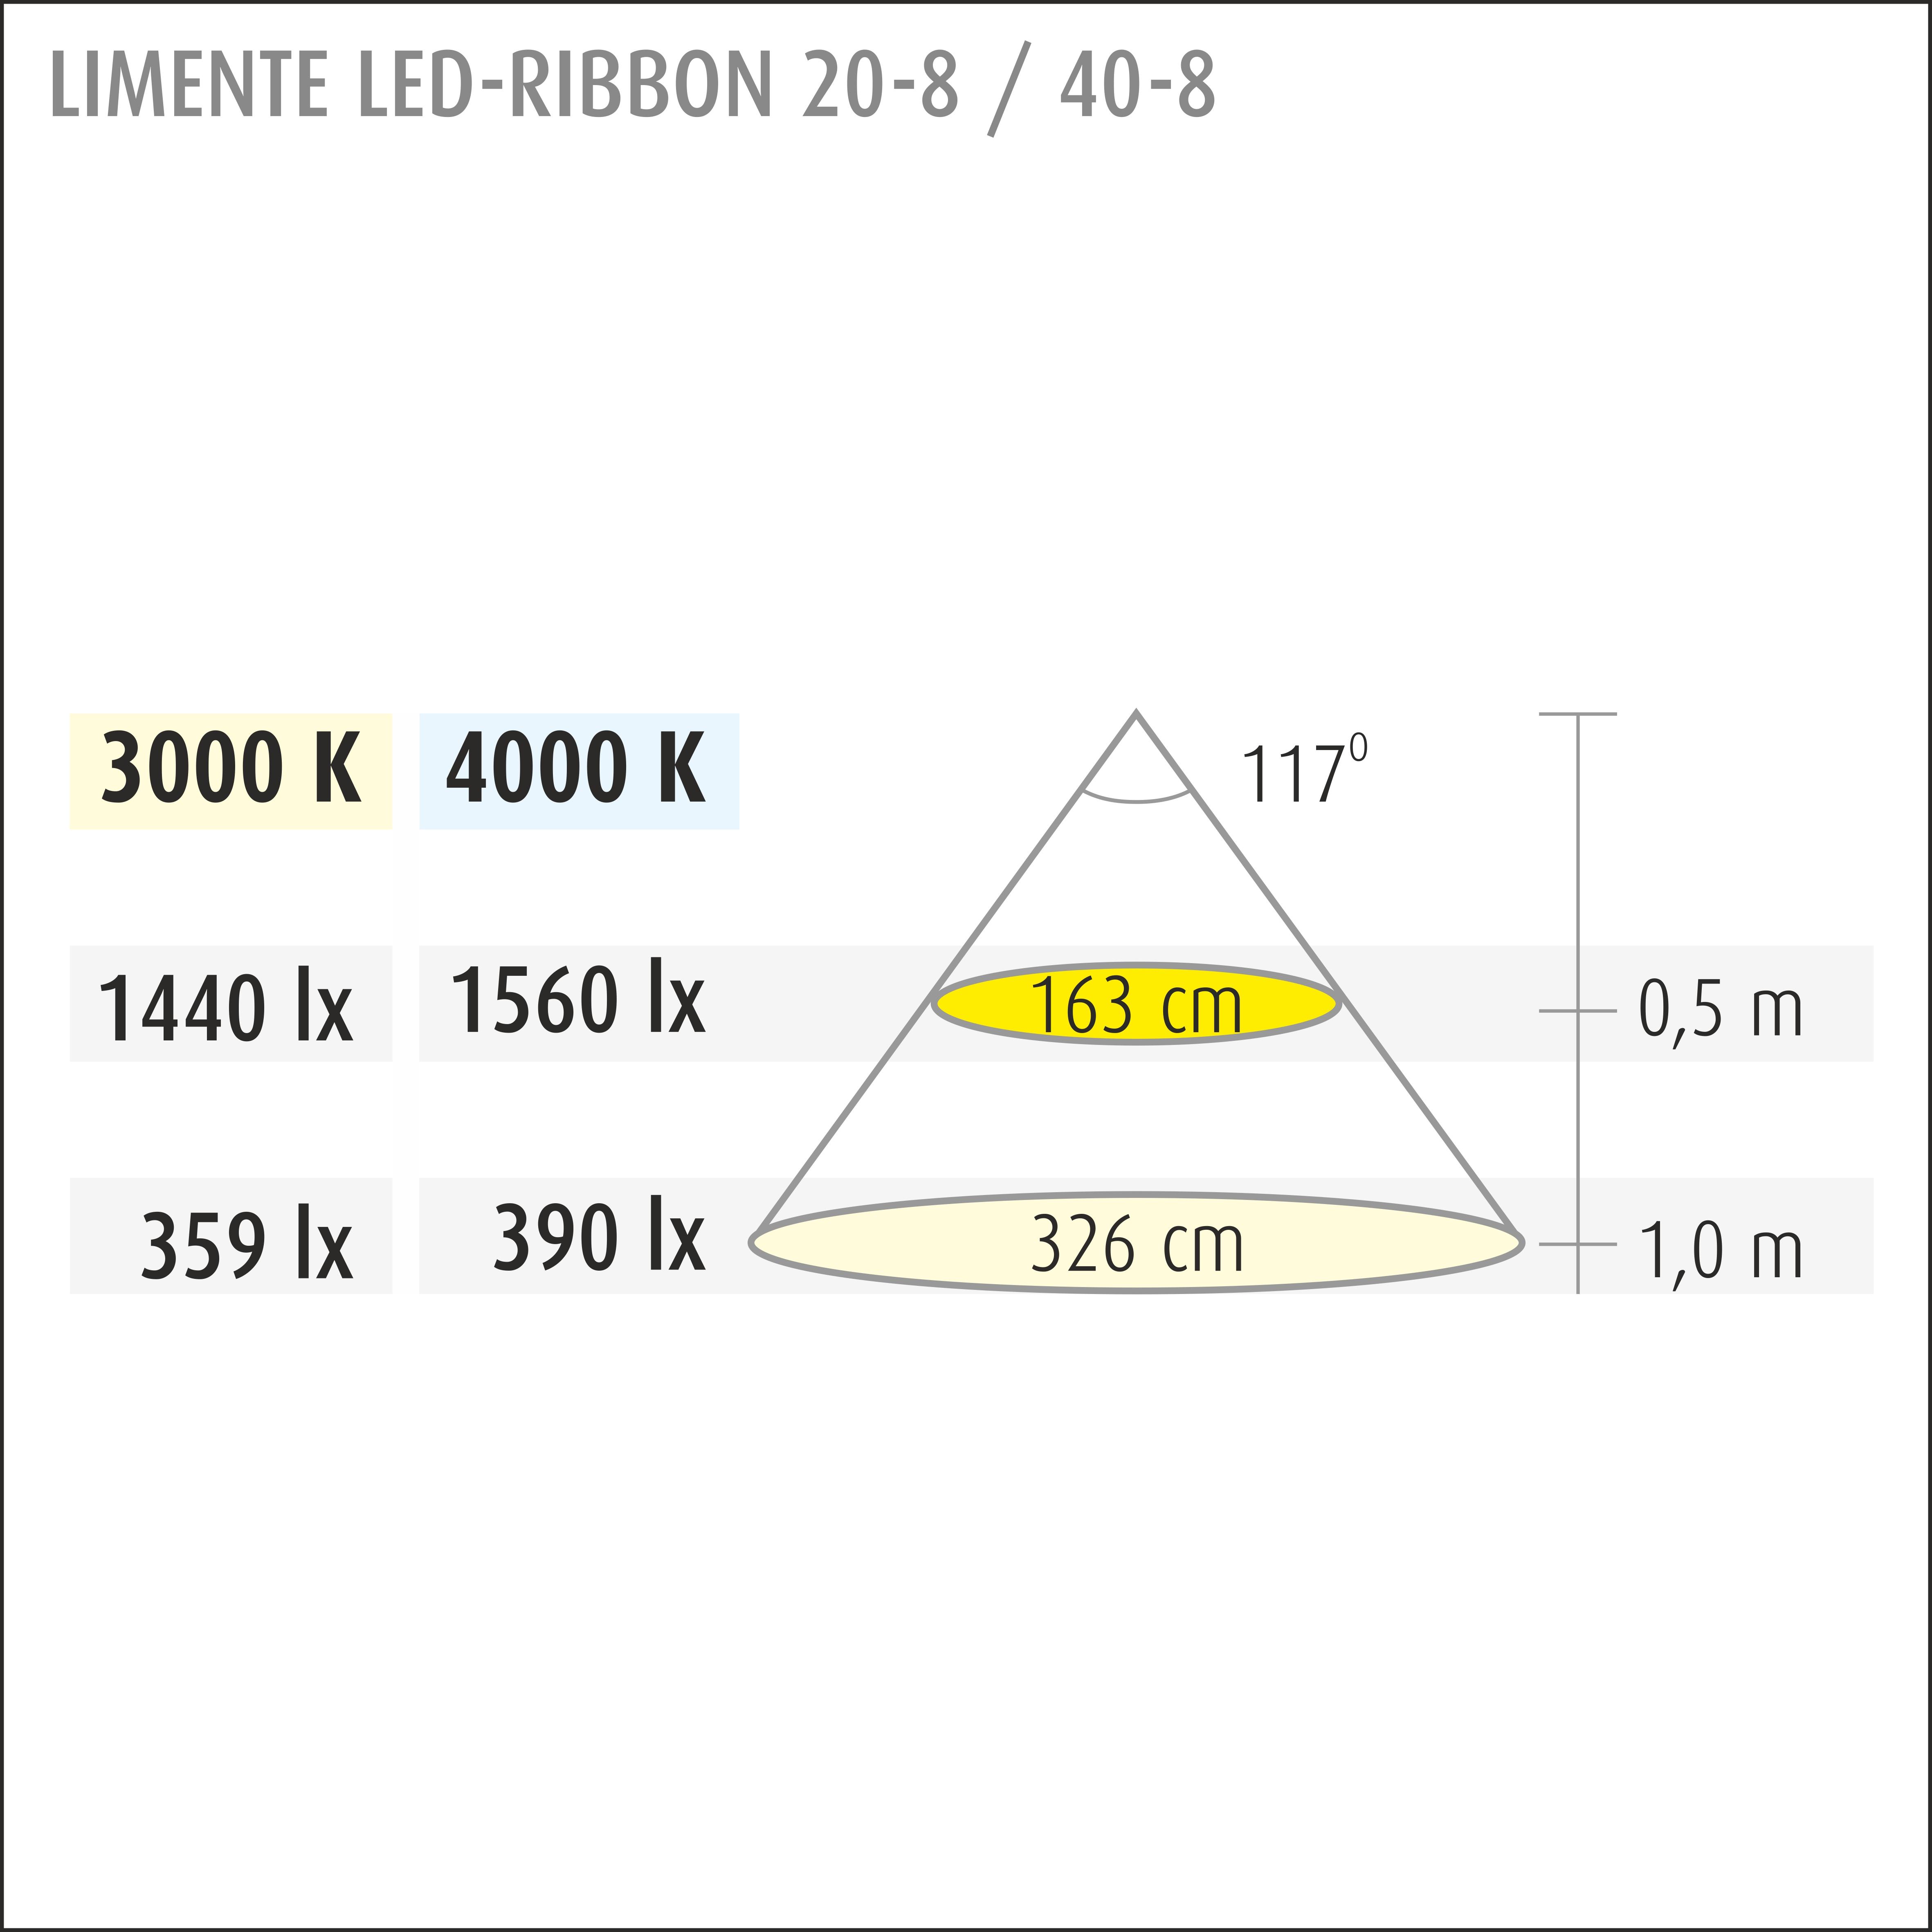 LED-RIBBON 40-8, IP20, 3000 K